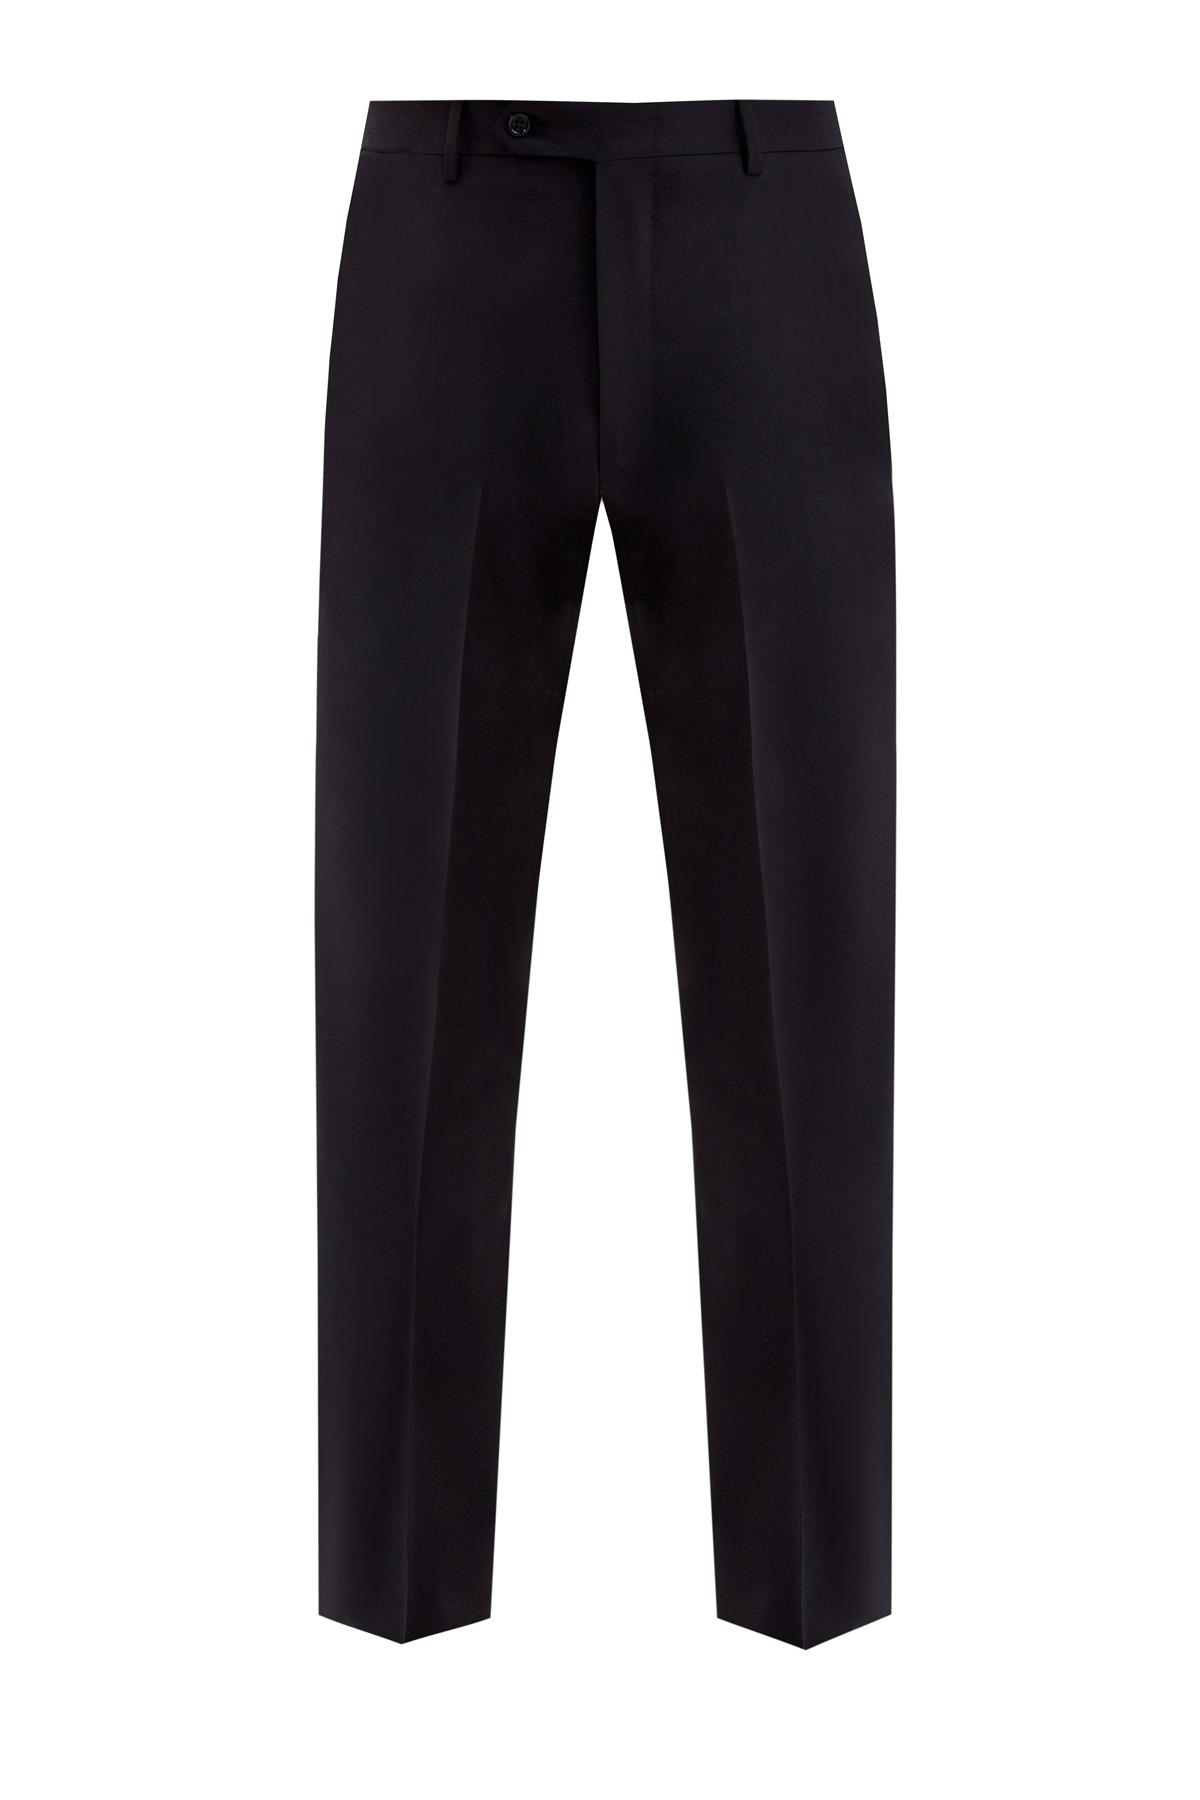 Классические черные брюки из шерстяной ткани